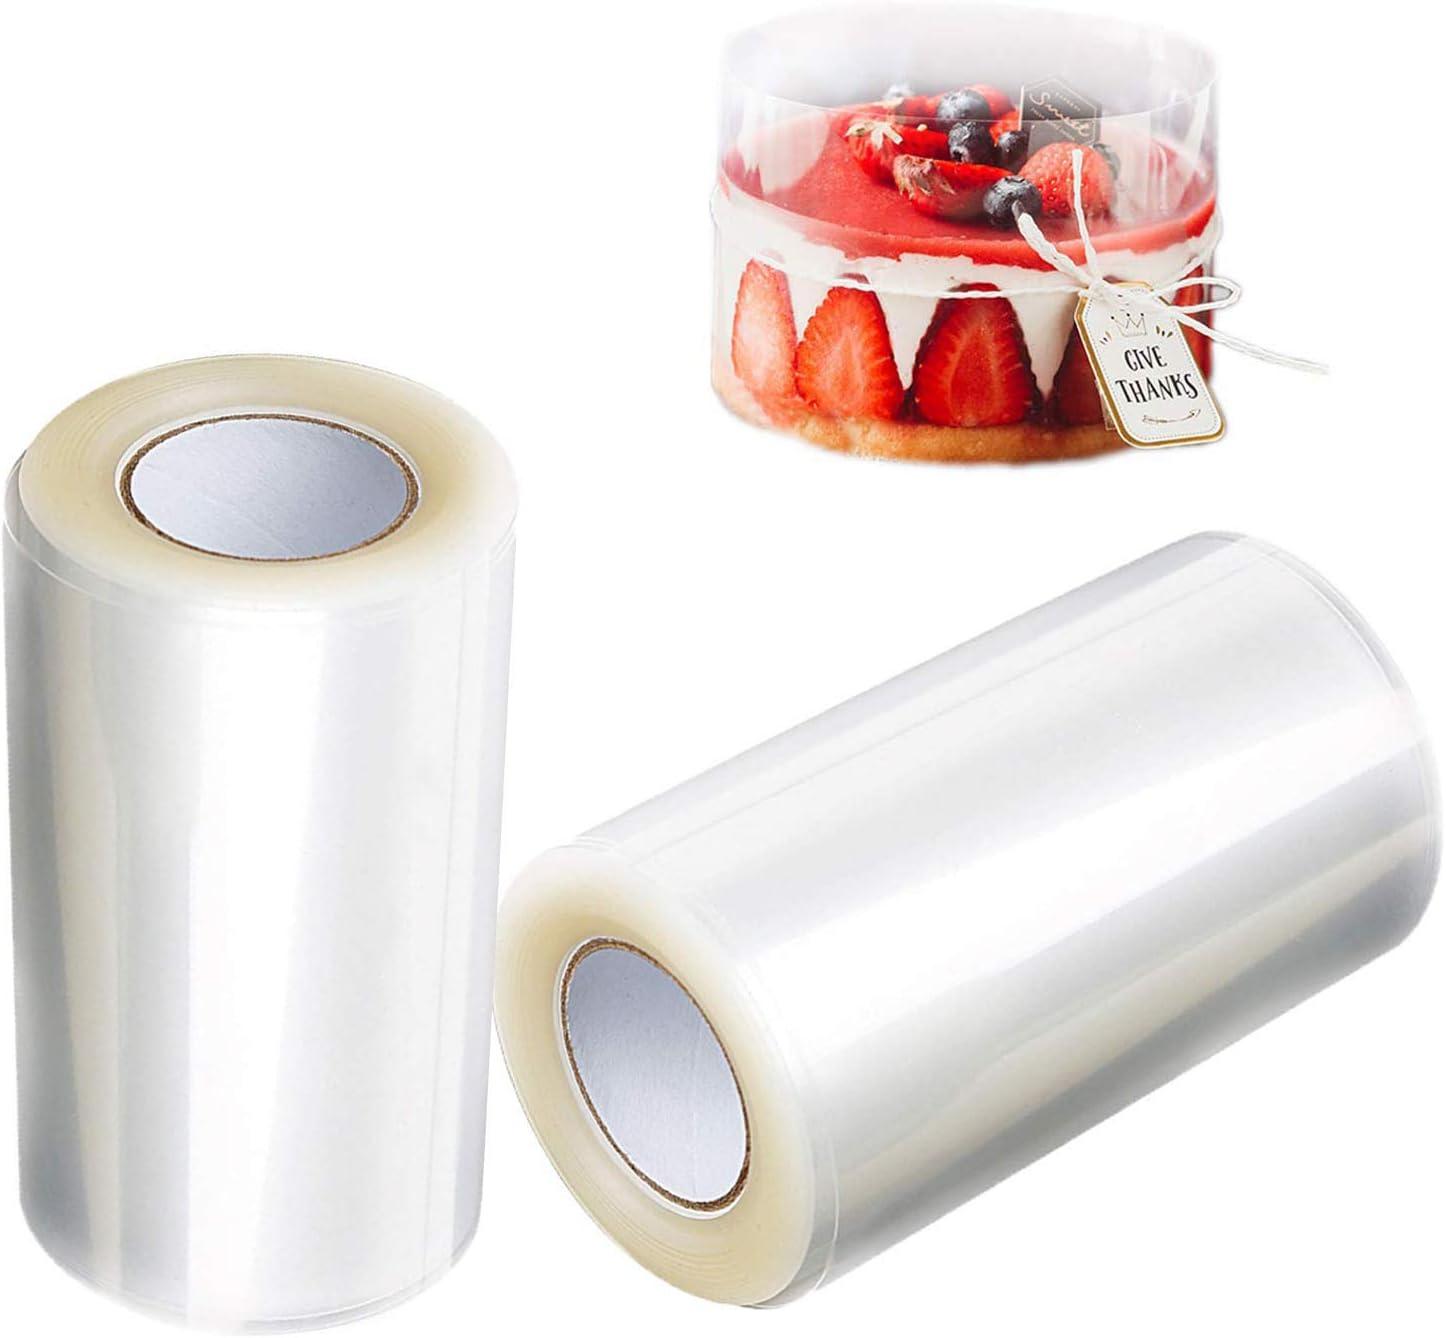 2 Rollos Collares para Tartas, 8cmx10m Transparentes Acetato Rollo, Cinta de Envoltura de Borde de Pastel, para Hornear, Mousse Para, Pastel y Chocolate Decoración